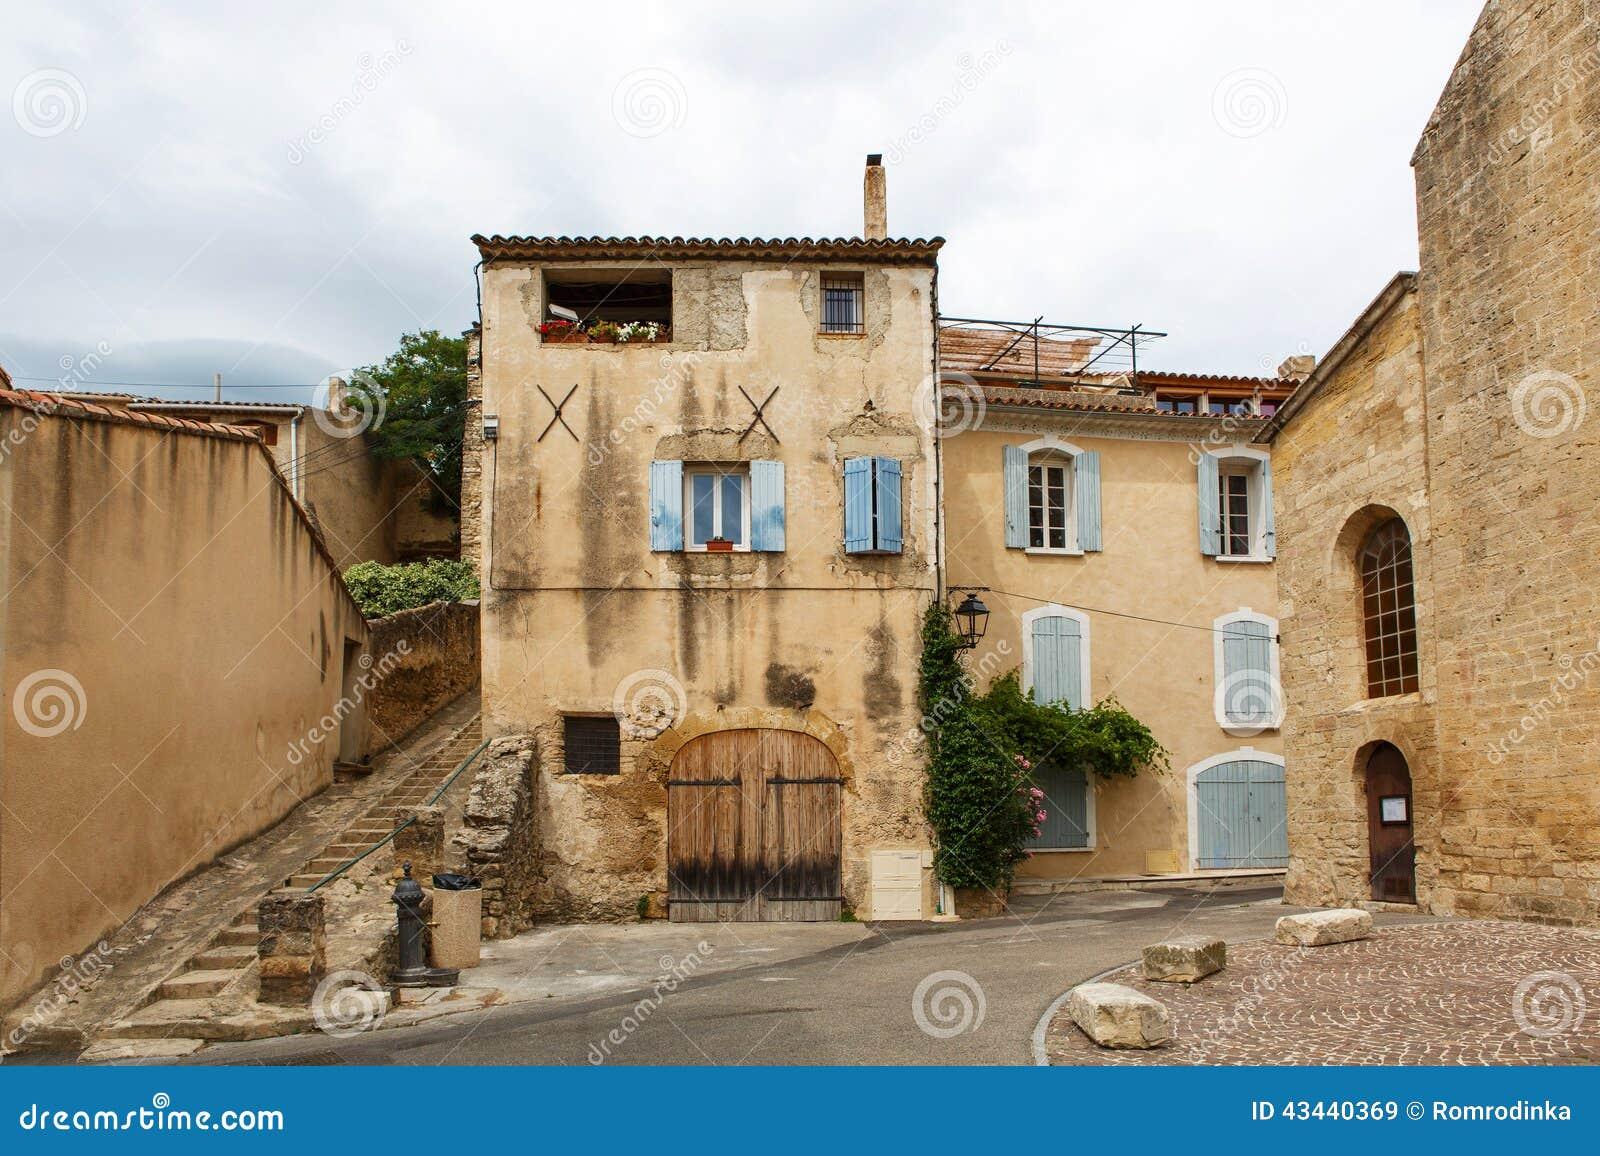 Via di provencal con le case tipiche in francia del sud for Case del sud con portici avvolgenti